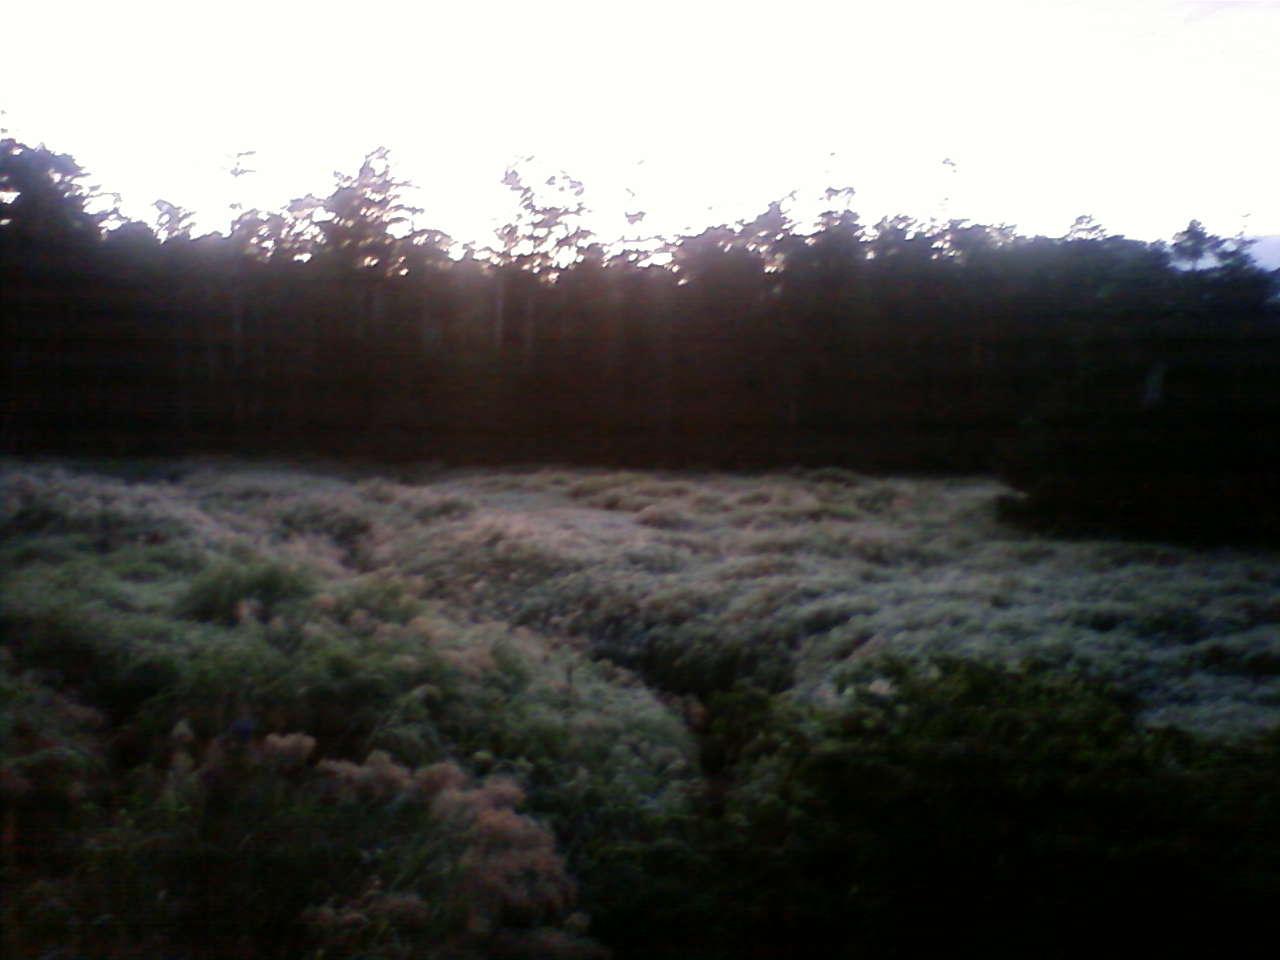 初霜 The first frost of the year_e0155231_763768.jpg